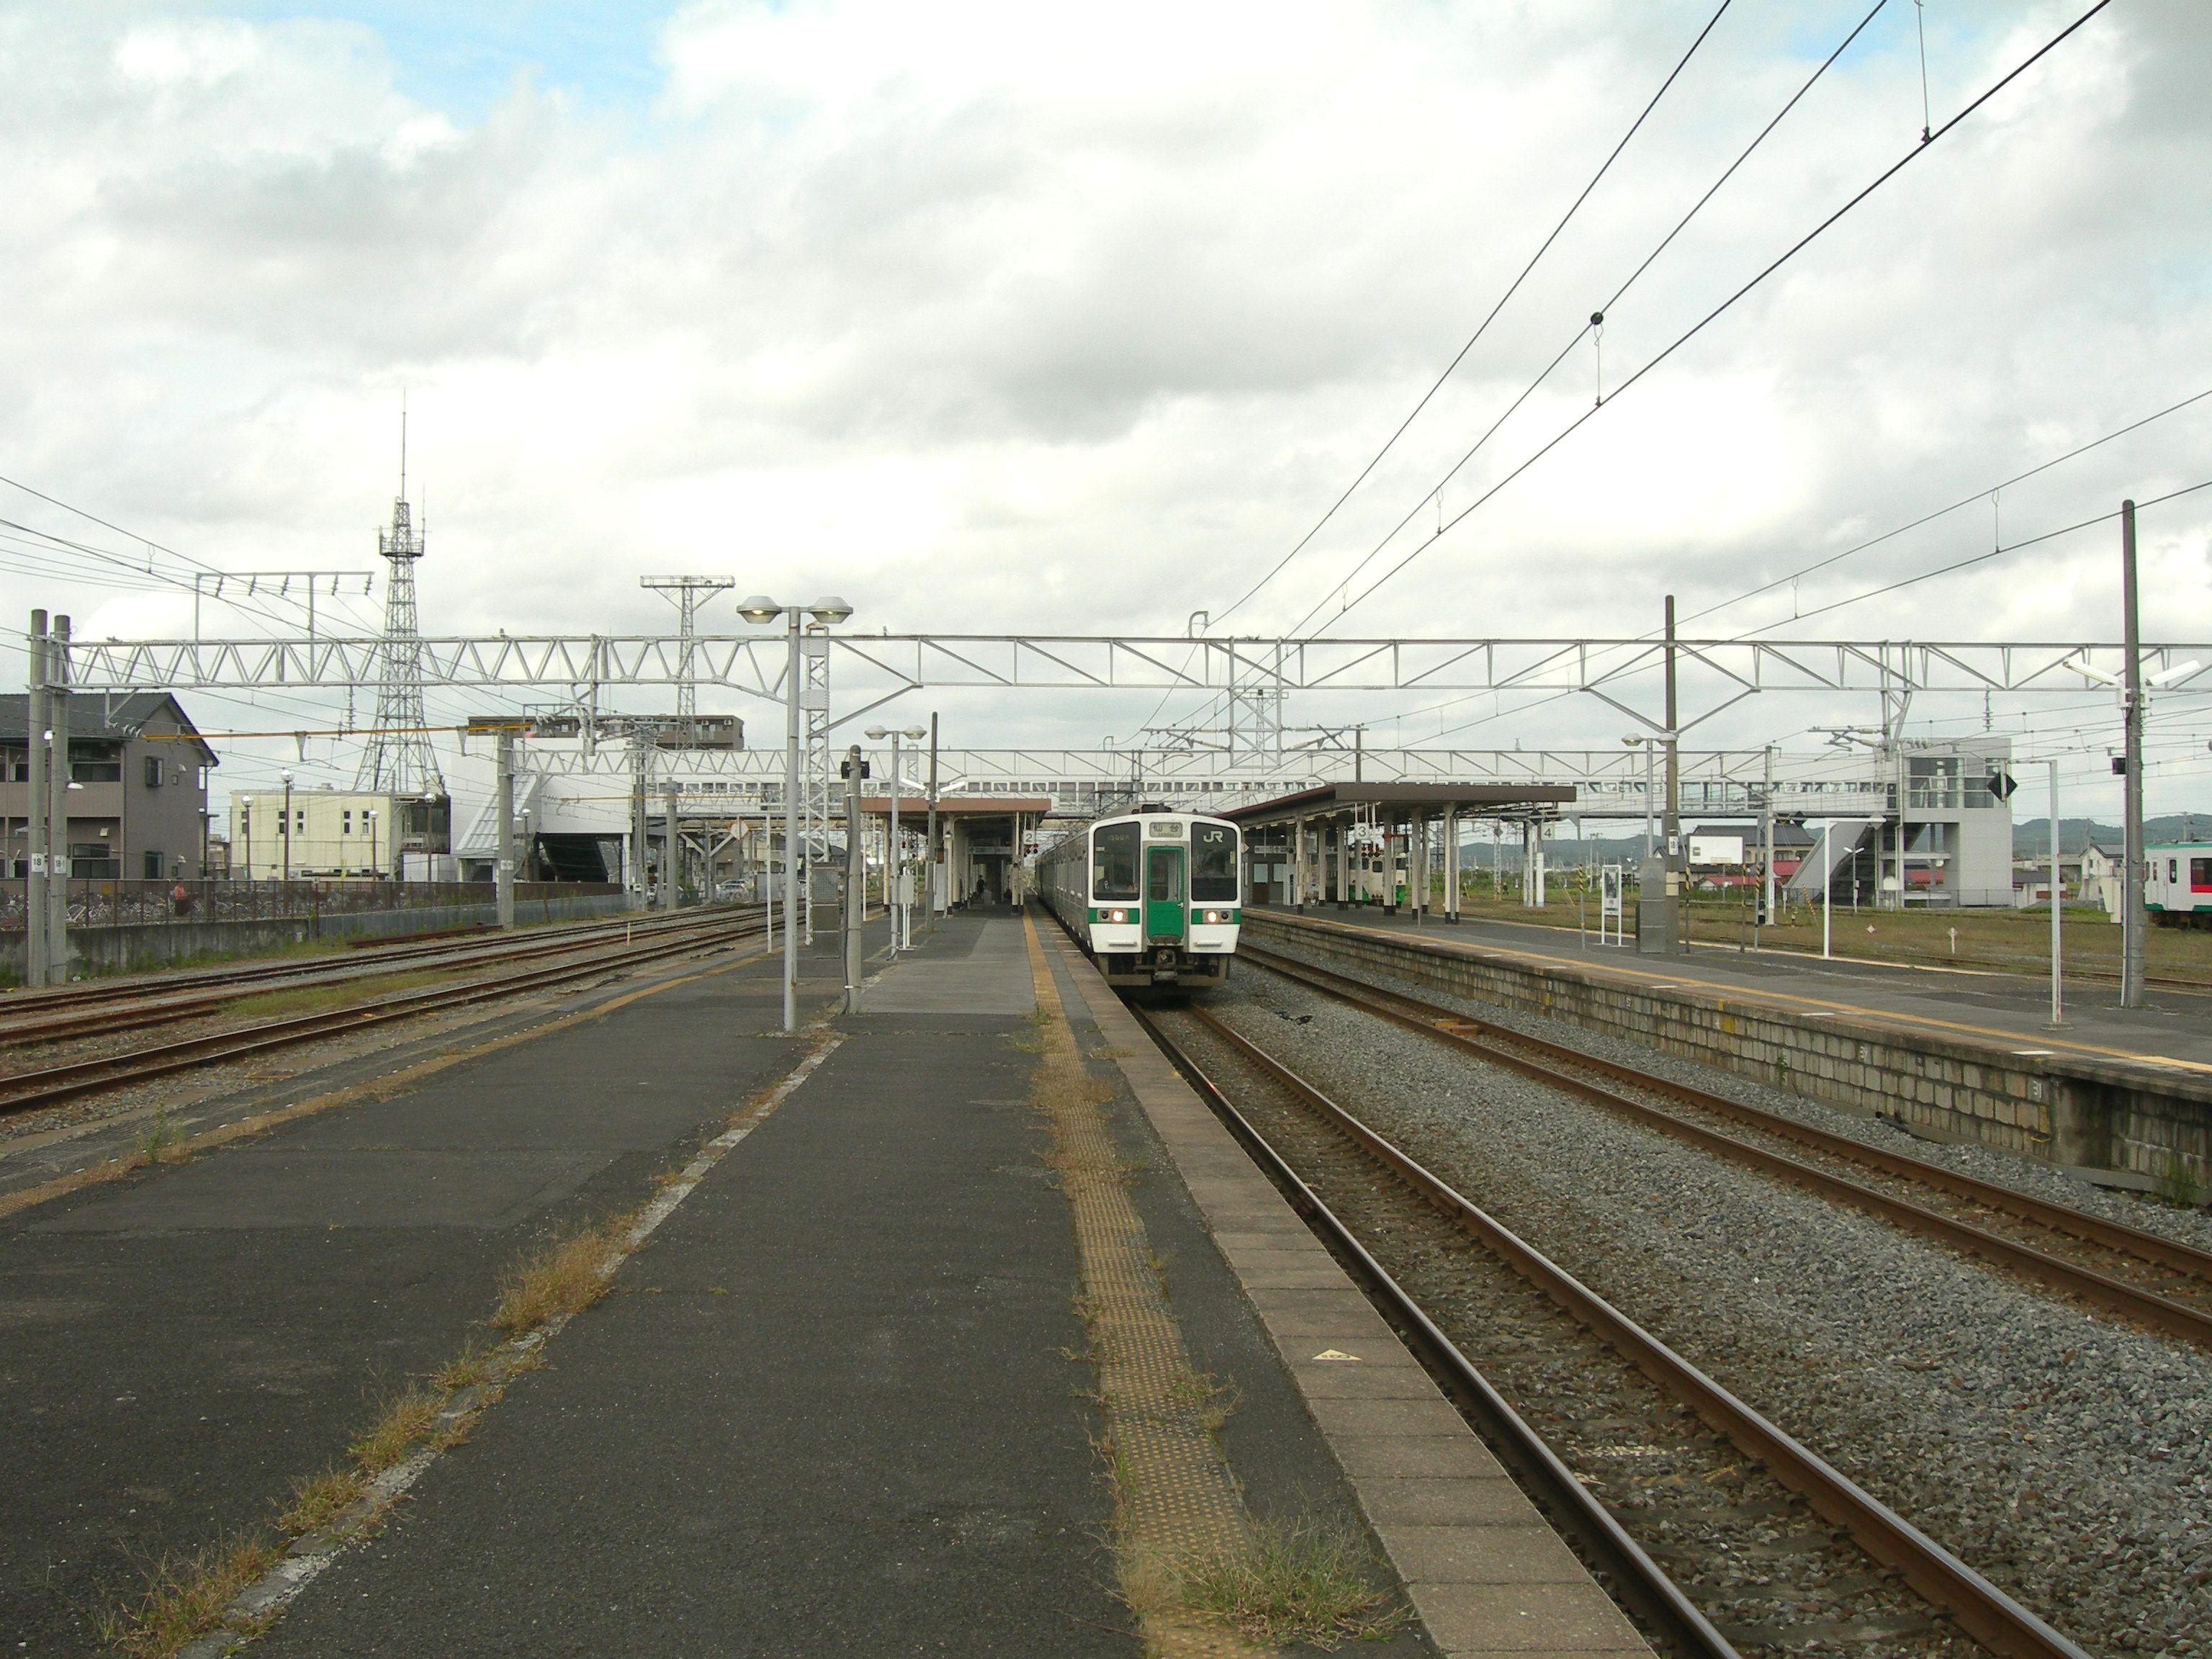 https://upload.wikimedia.org/wikipedia/commons/e/e6/Kogota-Station-platform.jpg